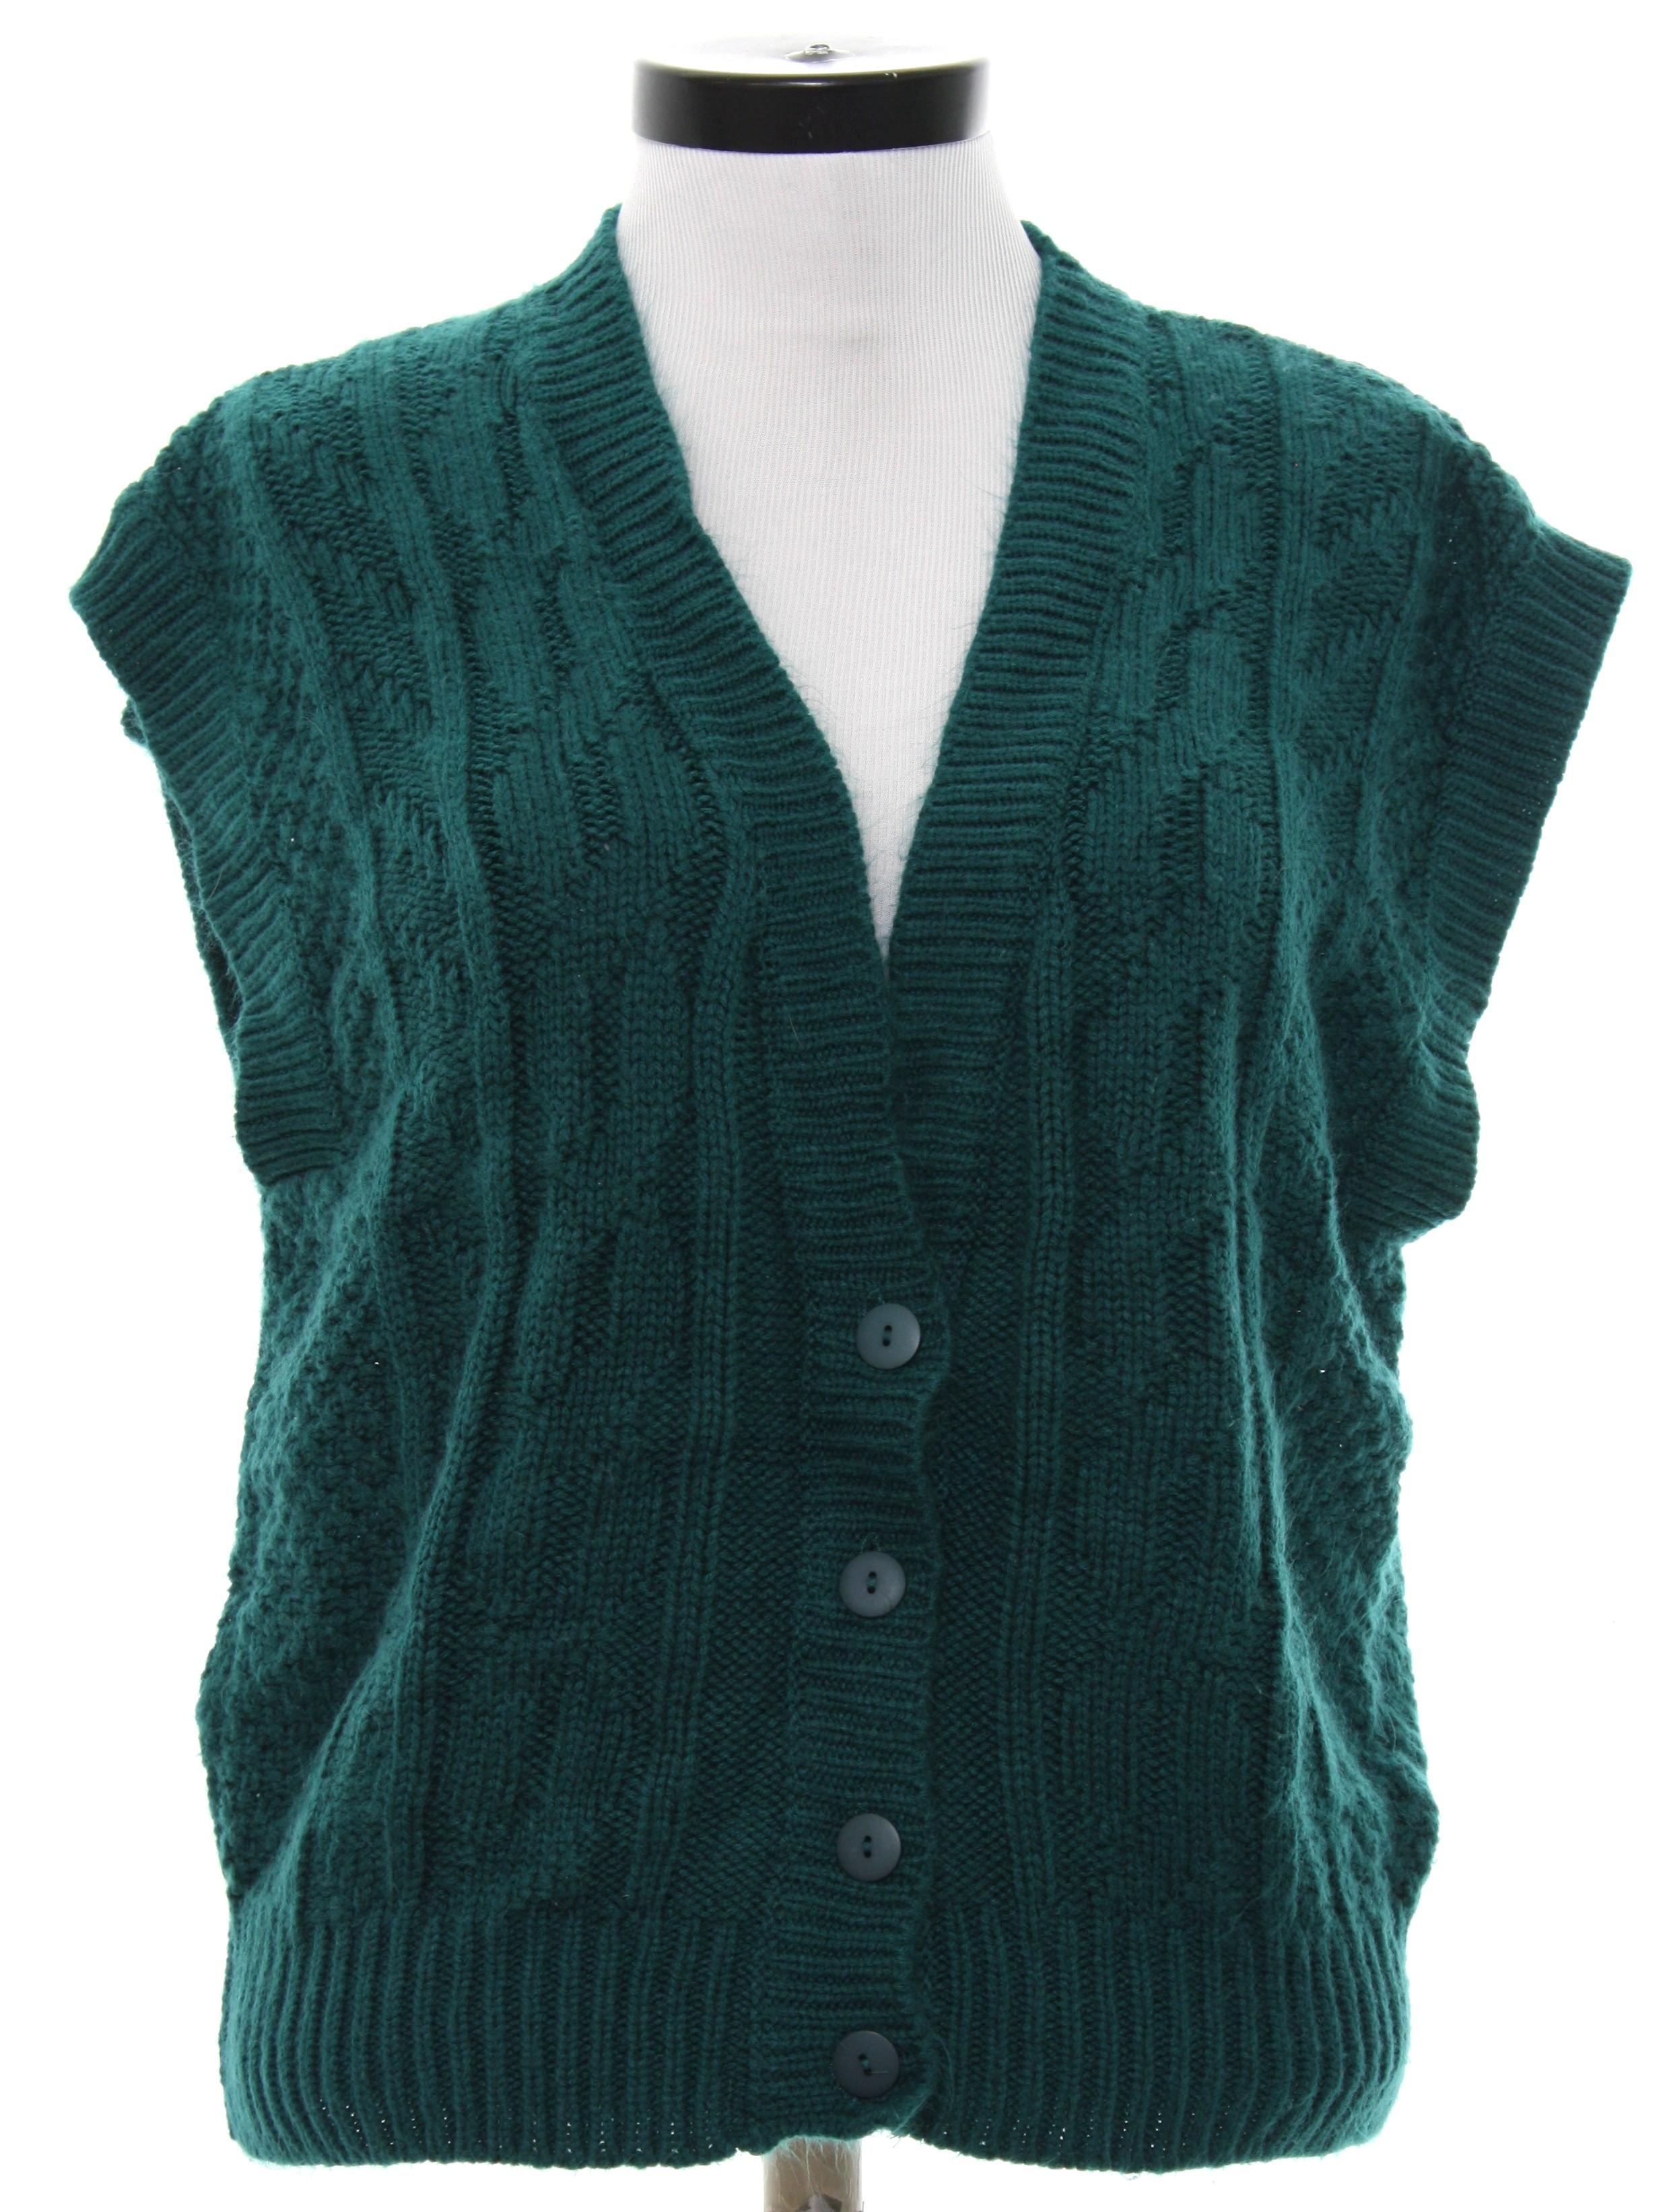 Basket Weave Vest Pattern : S pykettes sweater womens pine green